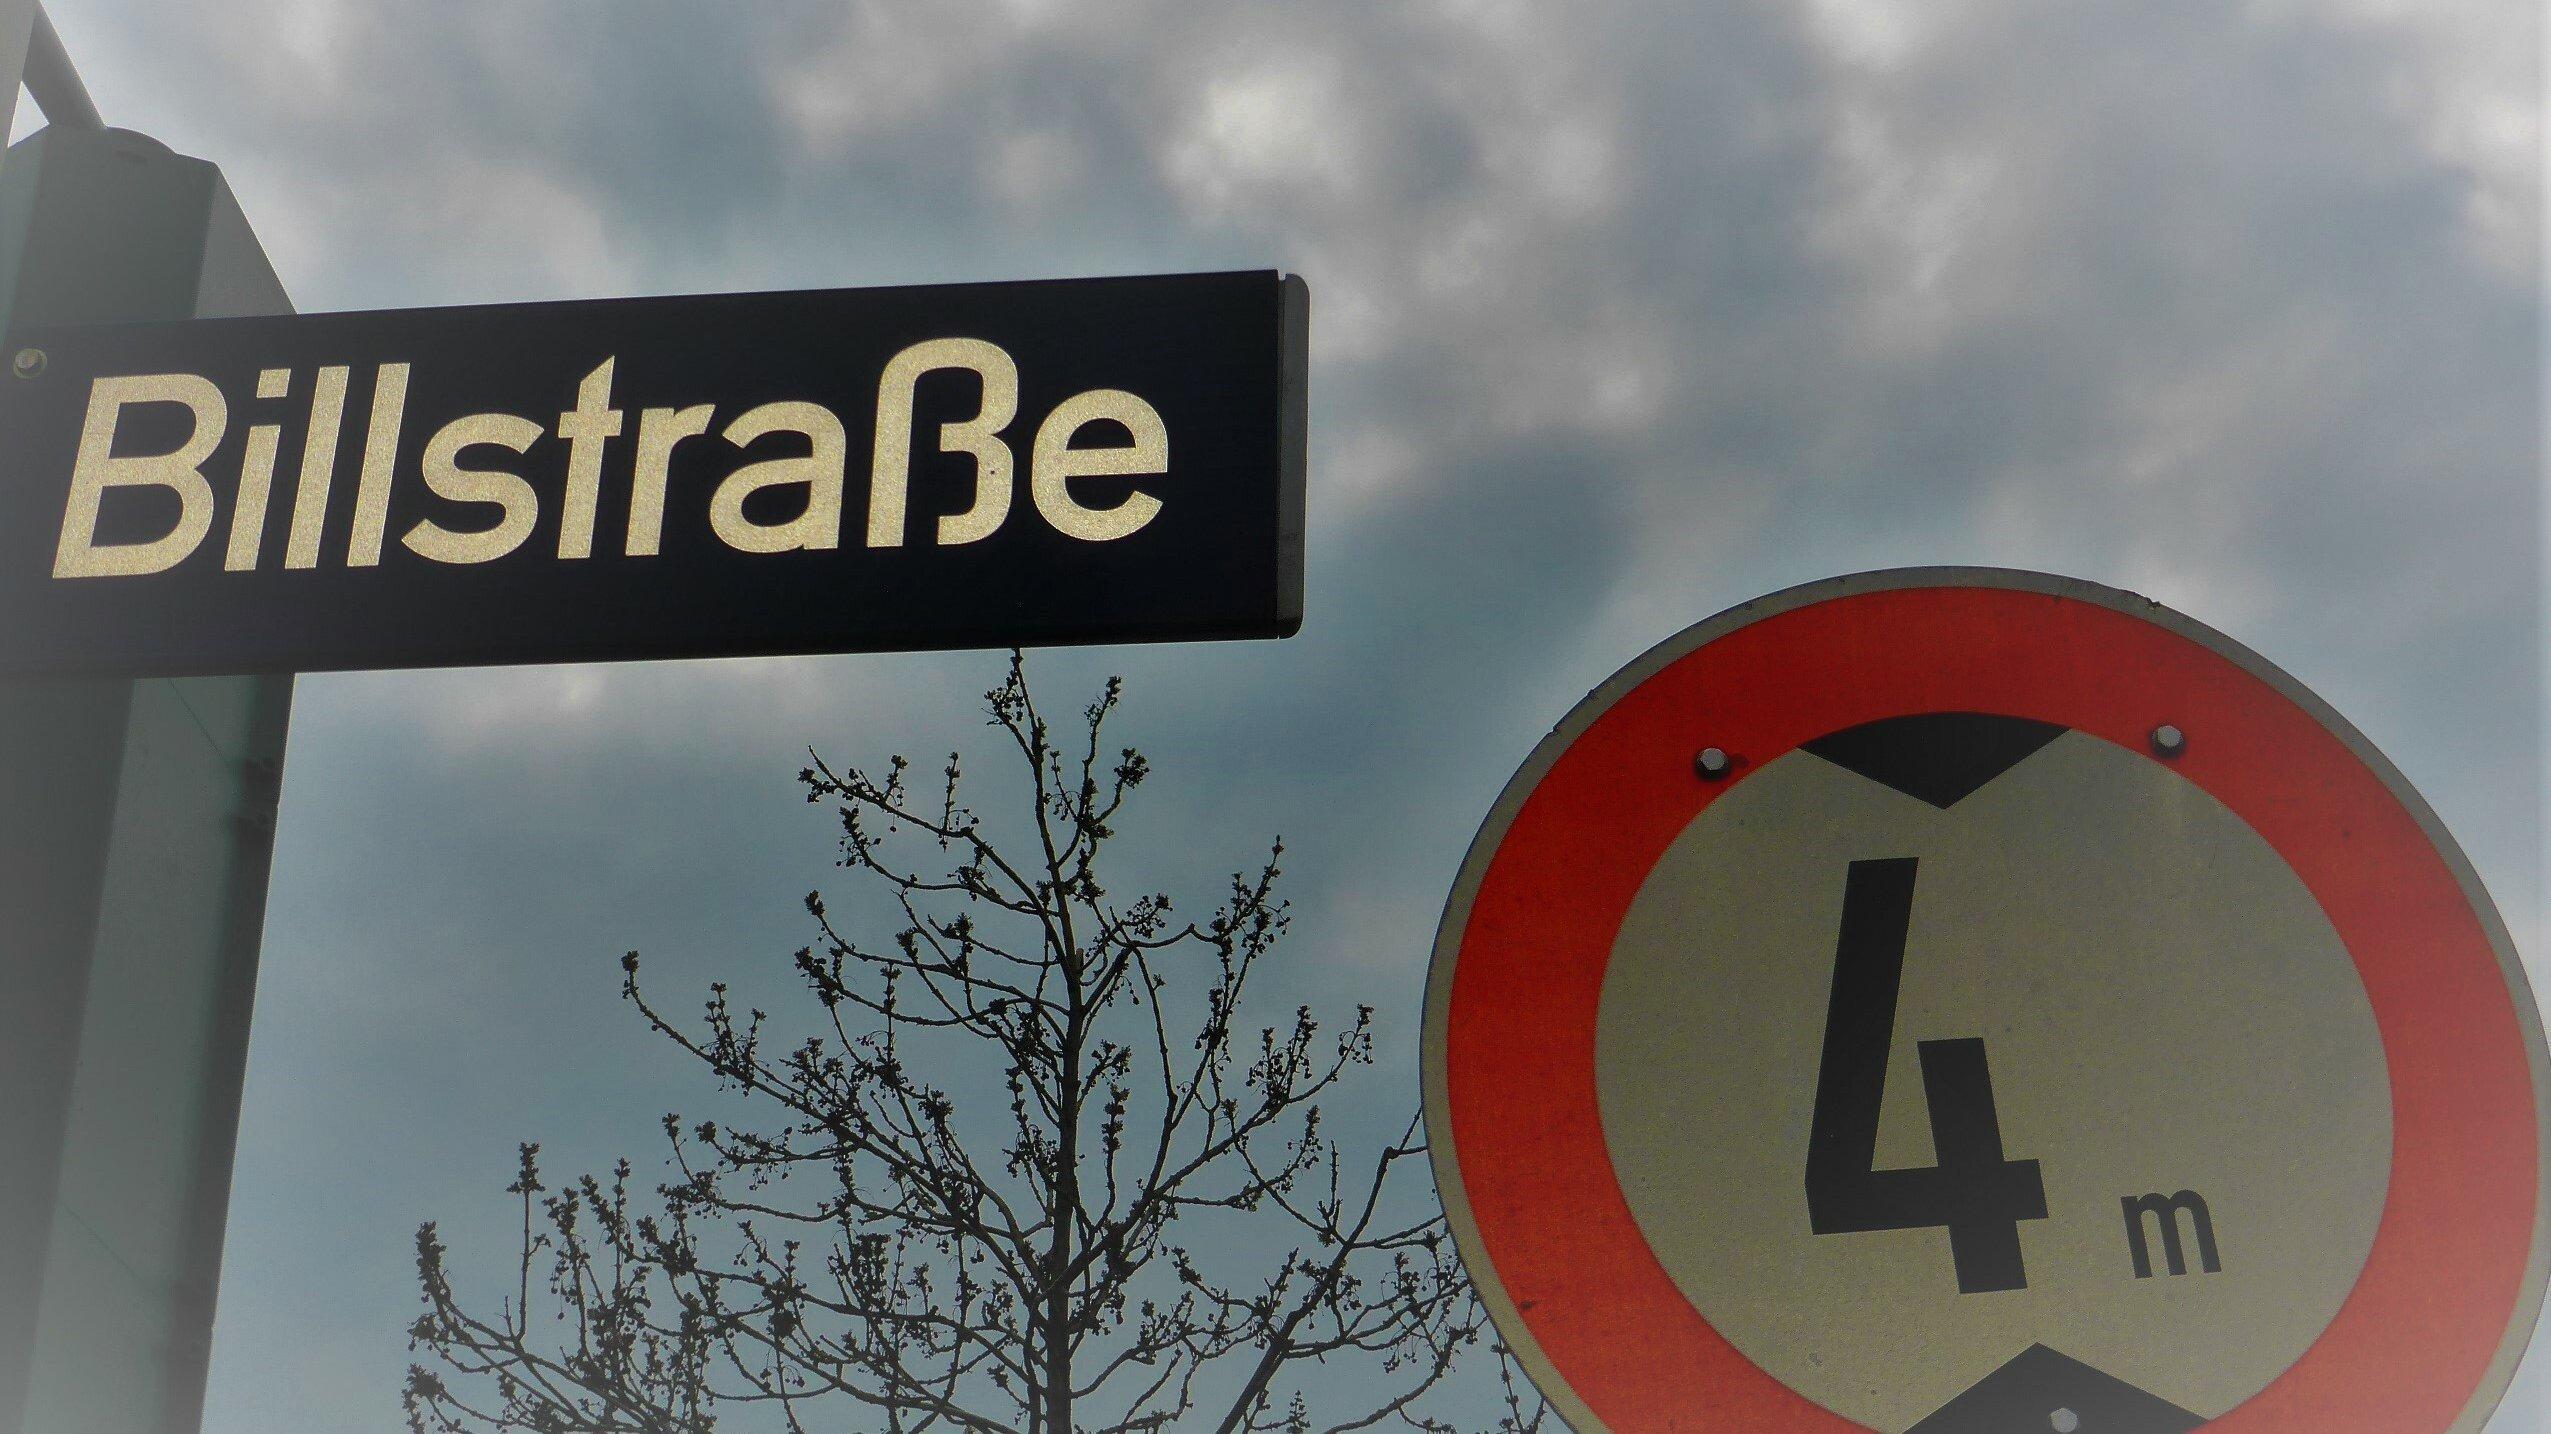 """Straßenschild """"Billstraße"""", daneben ein Warnschild, das Fahrzeugen höher als 4Metern die Durchfahrt untersagt."""